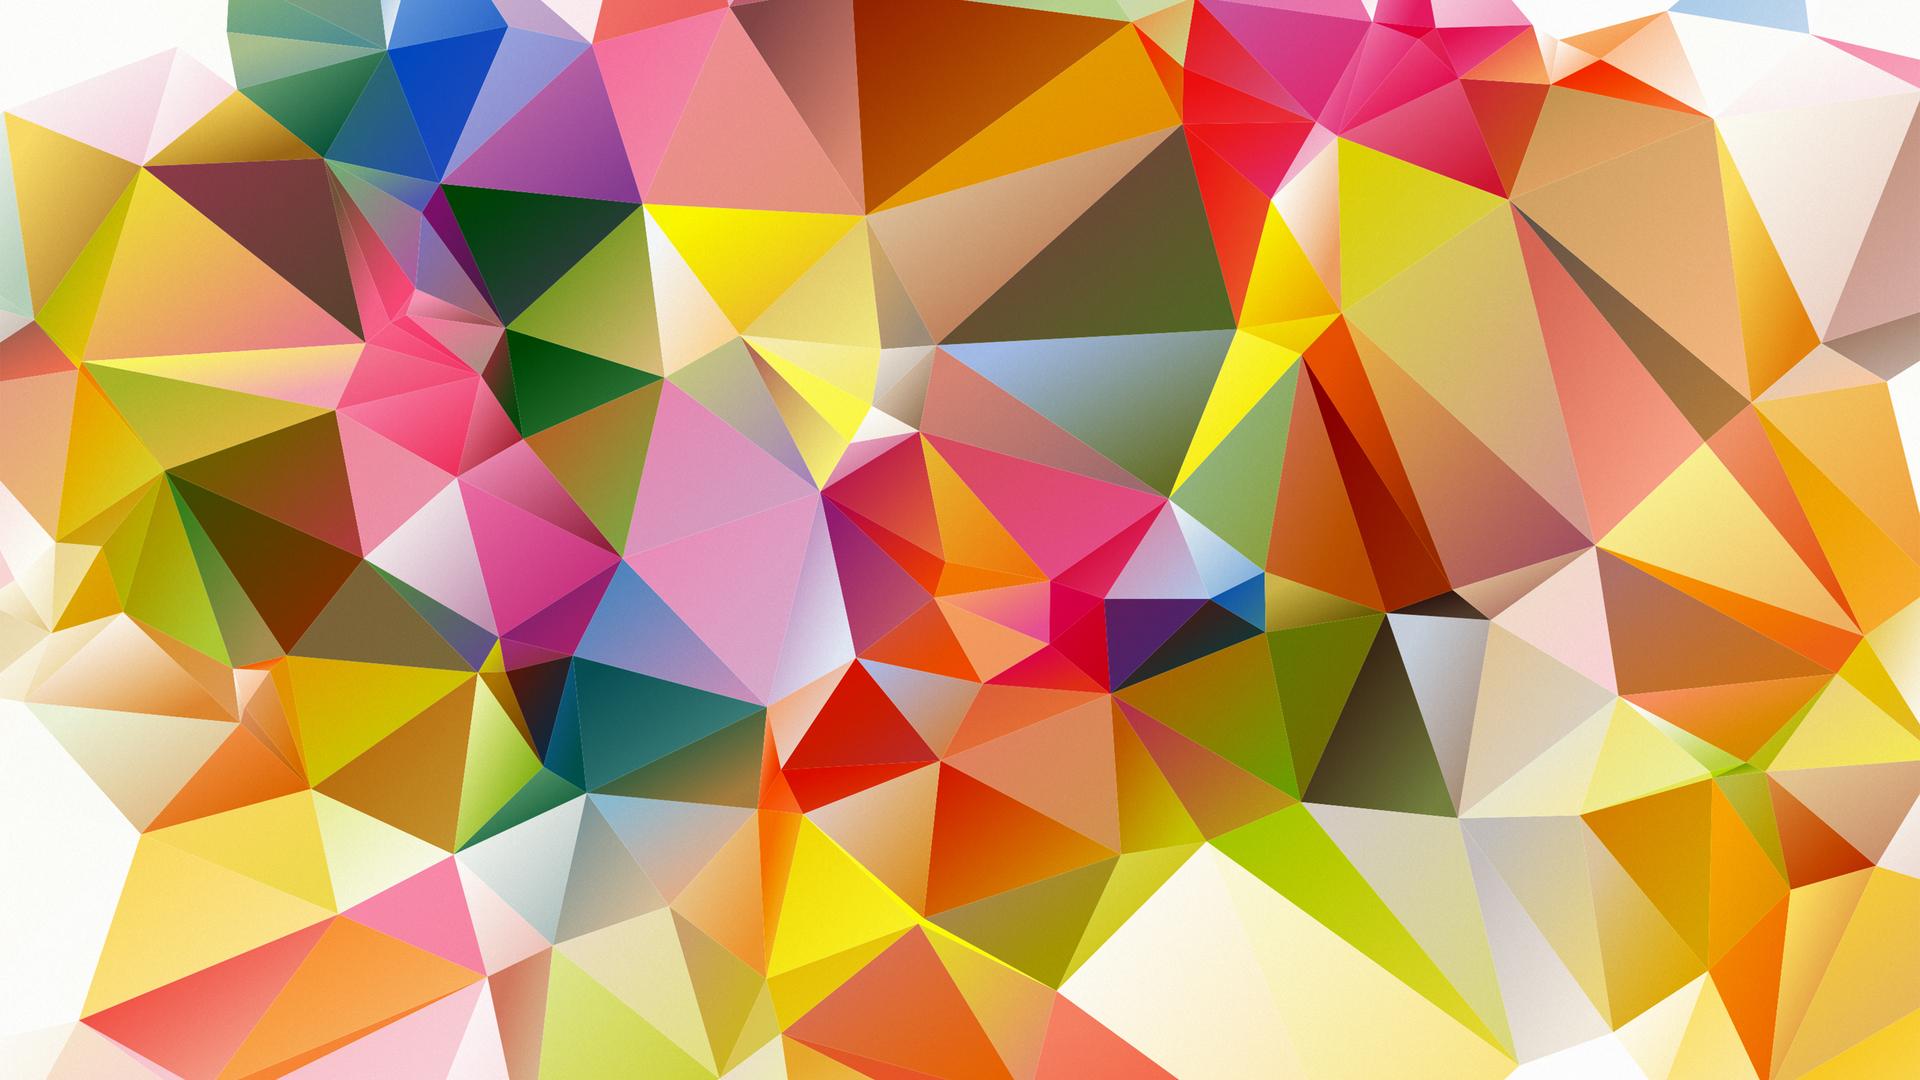 彩色高清菱形格子纹理PPT背景图片免费下载是由PPT宝藏(www.pptbz.com)会员zengmin上传推荐的简约PPT背景图片, 更新时间为2017-01-20,素材编号120405。 在同一平面内,有一组邻边相等的平行四边形是菱形(rhombus)。 在一个平面内,有一组邻边相等的平行四边形是菱形(rhombus)。 菱形具有平行四边形的一切性质; 菱形的四条边都相等; 菱形的对角线互相垂直平分且每一条对角线分别平分一组对角 菱形是轴对称图形,对称轴有2条,即两条对角线所在直线,菱形还是中心对称图